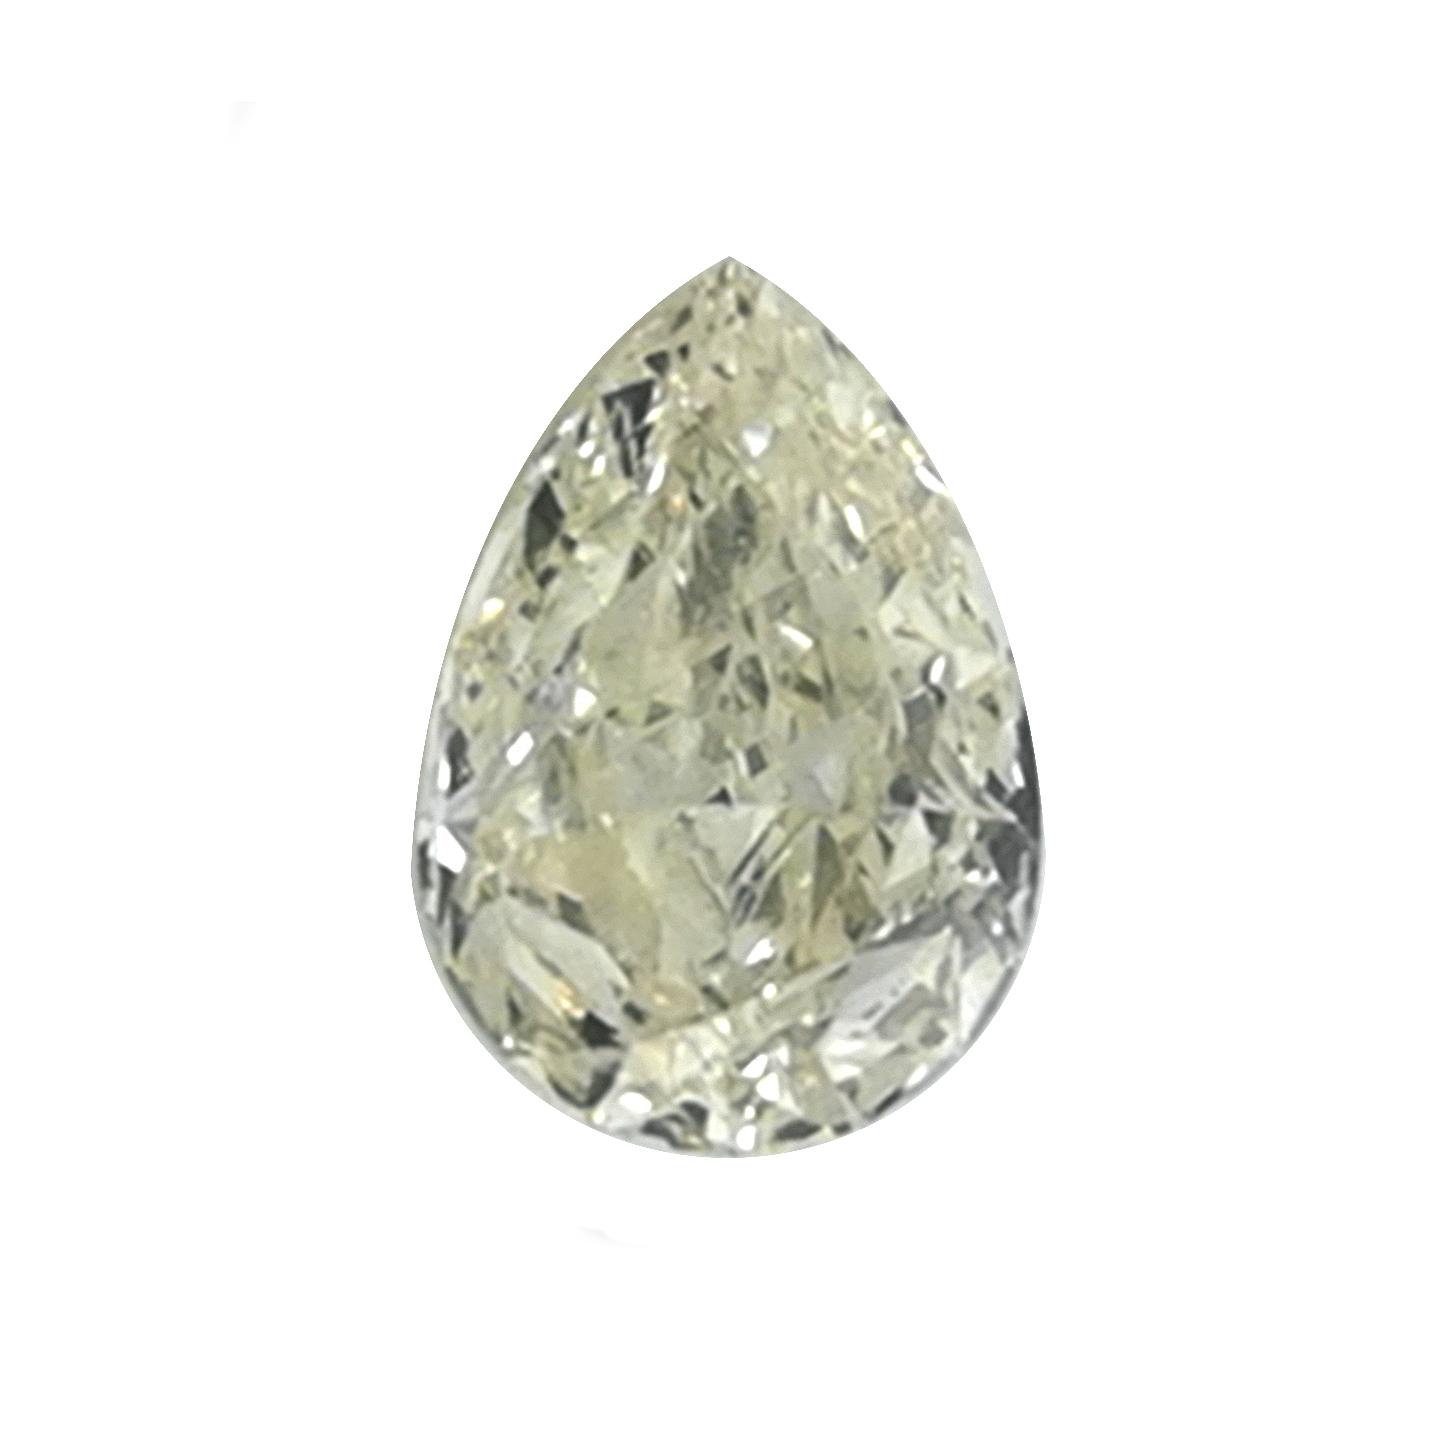 Diamant Tropfen, 1,04 ct, inkl. DPL-Expertise - Sammler Edelstien